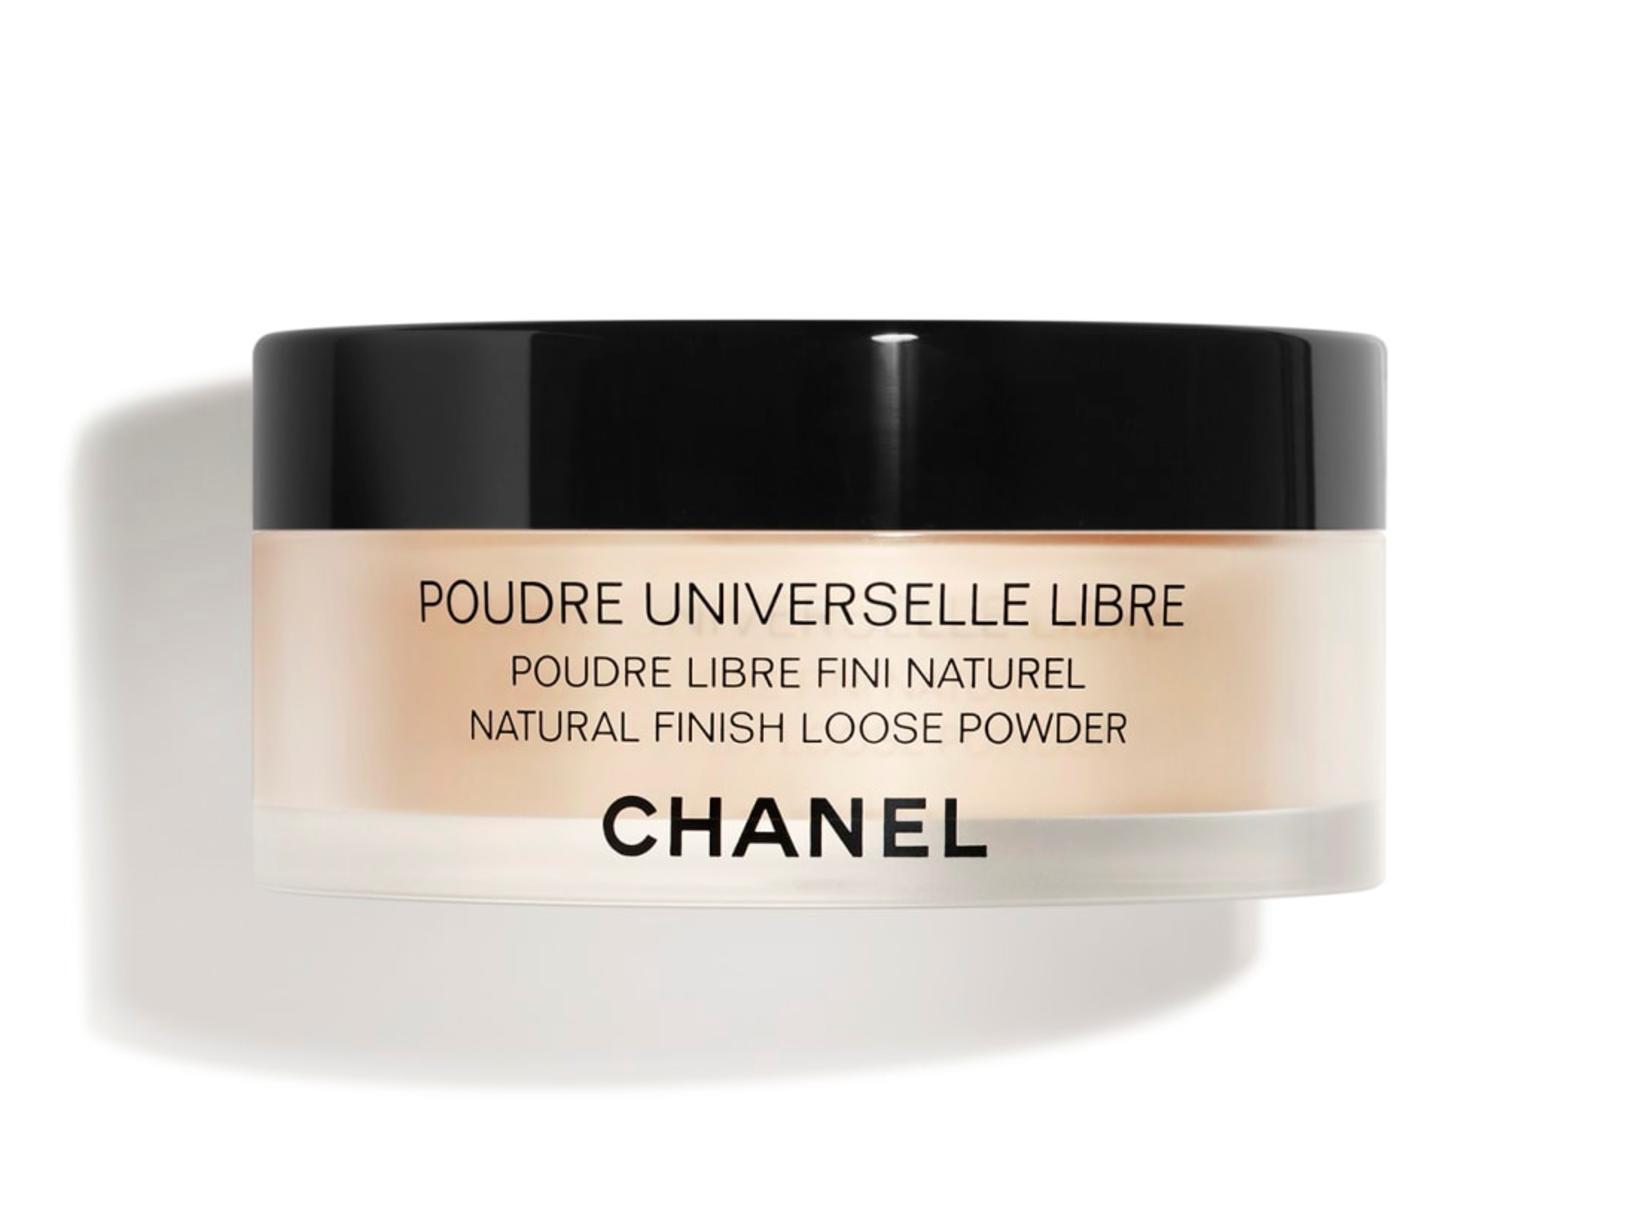 Chanel Poudre Universelle Libre.